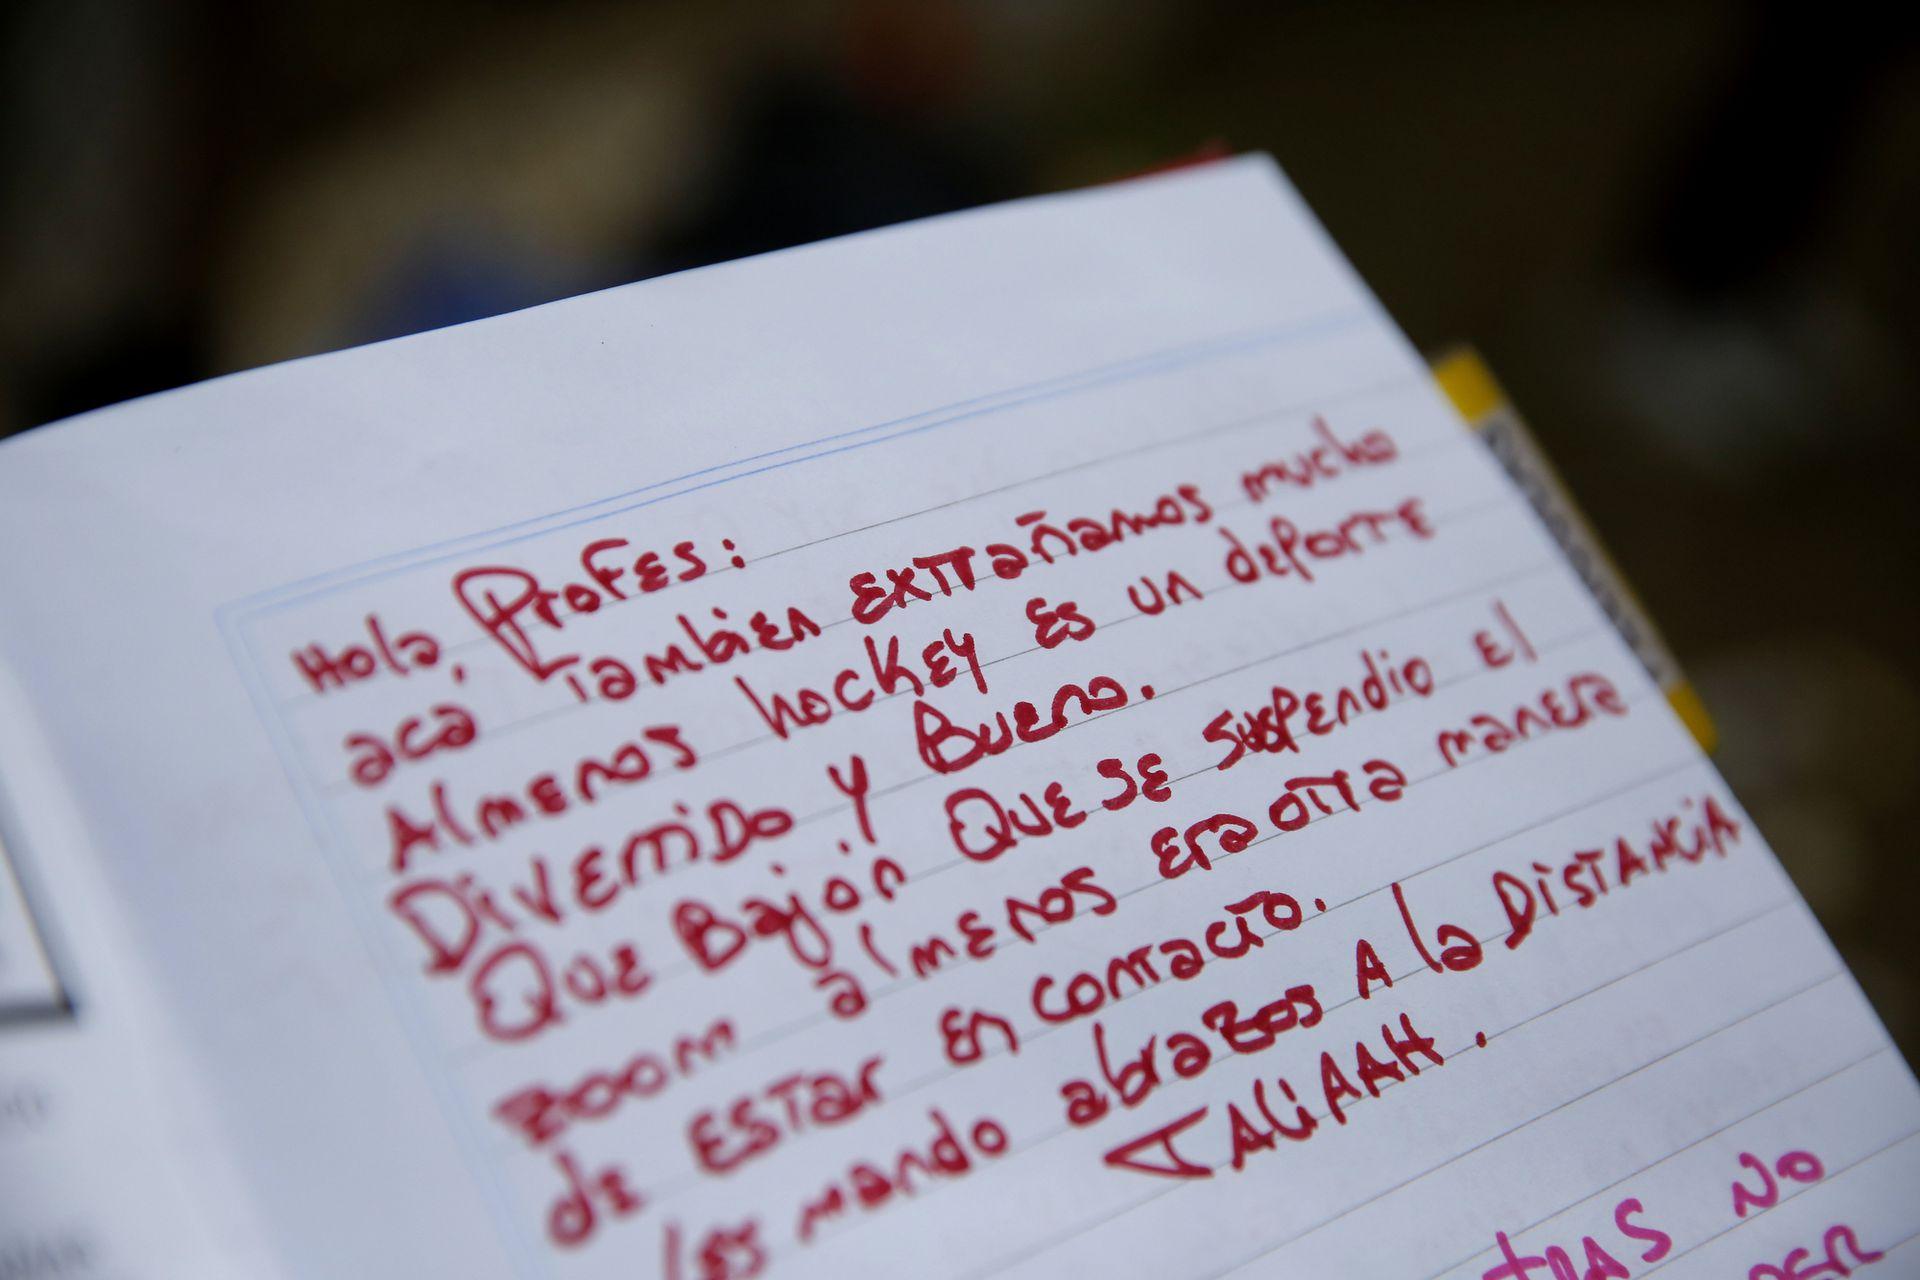 Durante la cuarentena, los entrenamientos dejaron de ser presenciales, y pasaron a la modalidad virtual, para muchas internas fue una gran tristeza, y en esta carta, lo expresó Tatiana